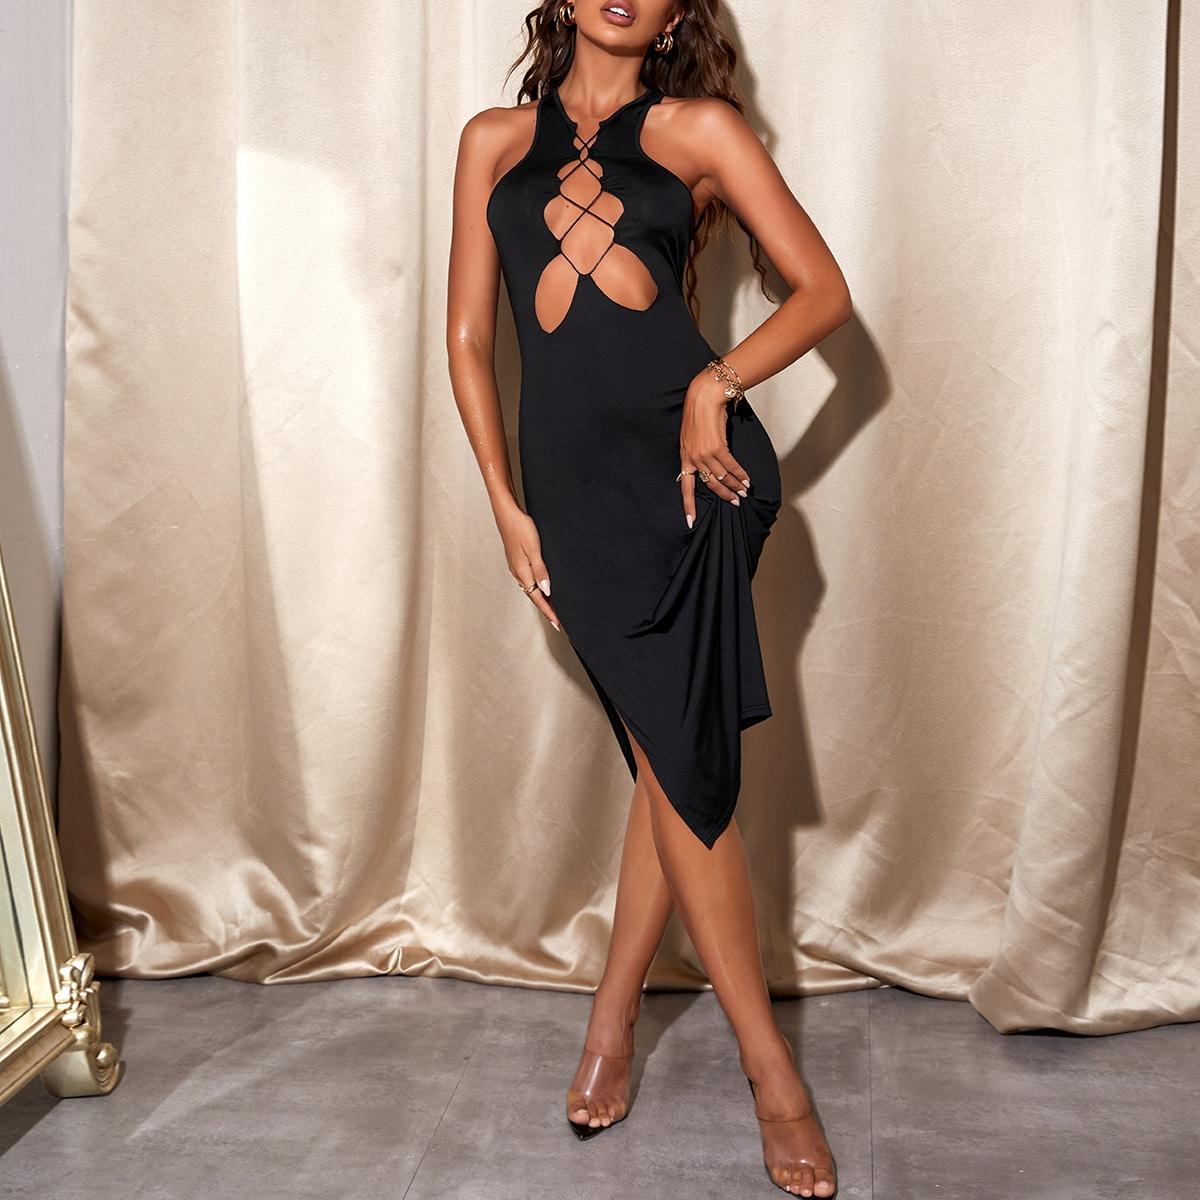 Платье с разрезом высоким разрезом SheIn sW210526253791929